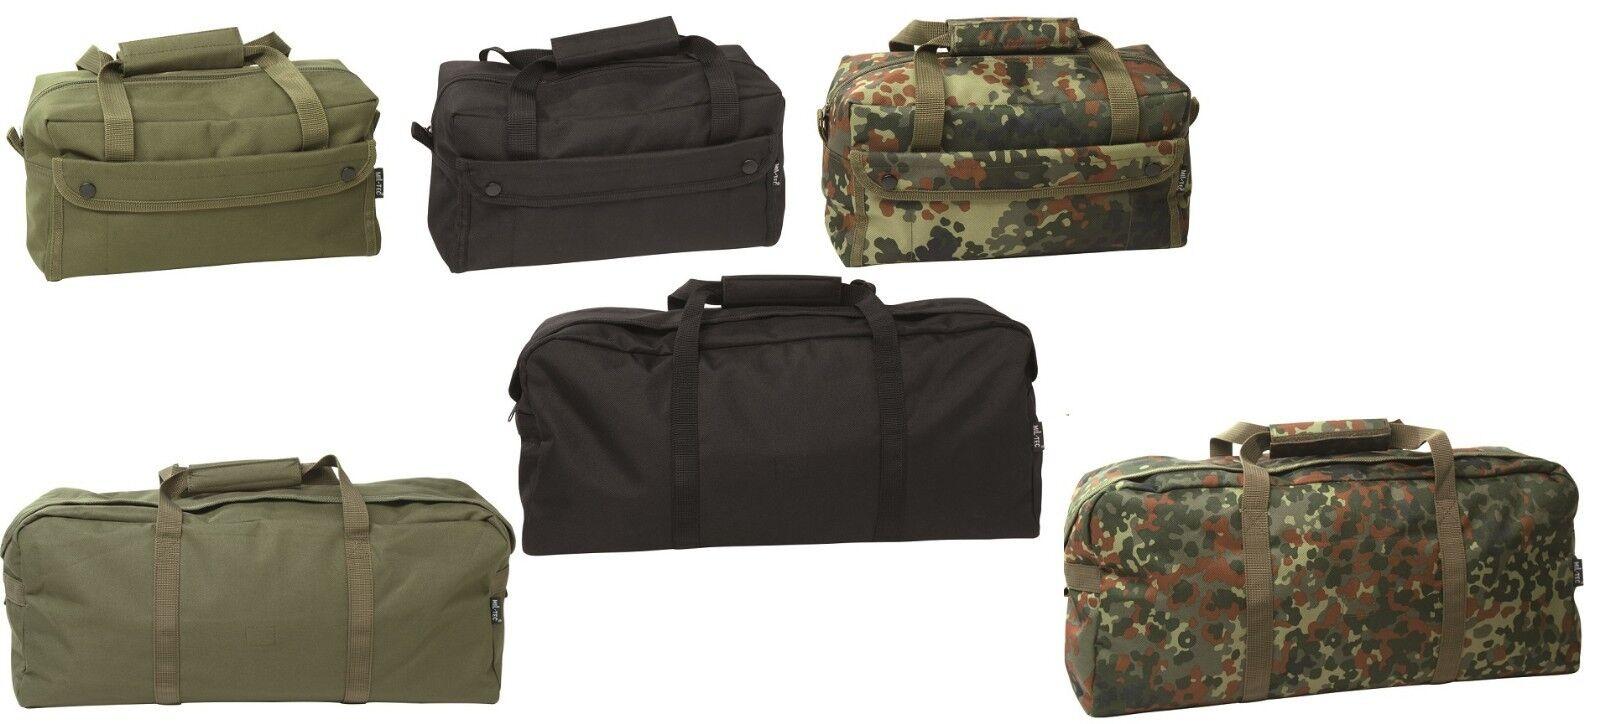 BW Einsatztasche Tragetasche Reisetasche Sporttasche Tasche Bag 20 Liter